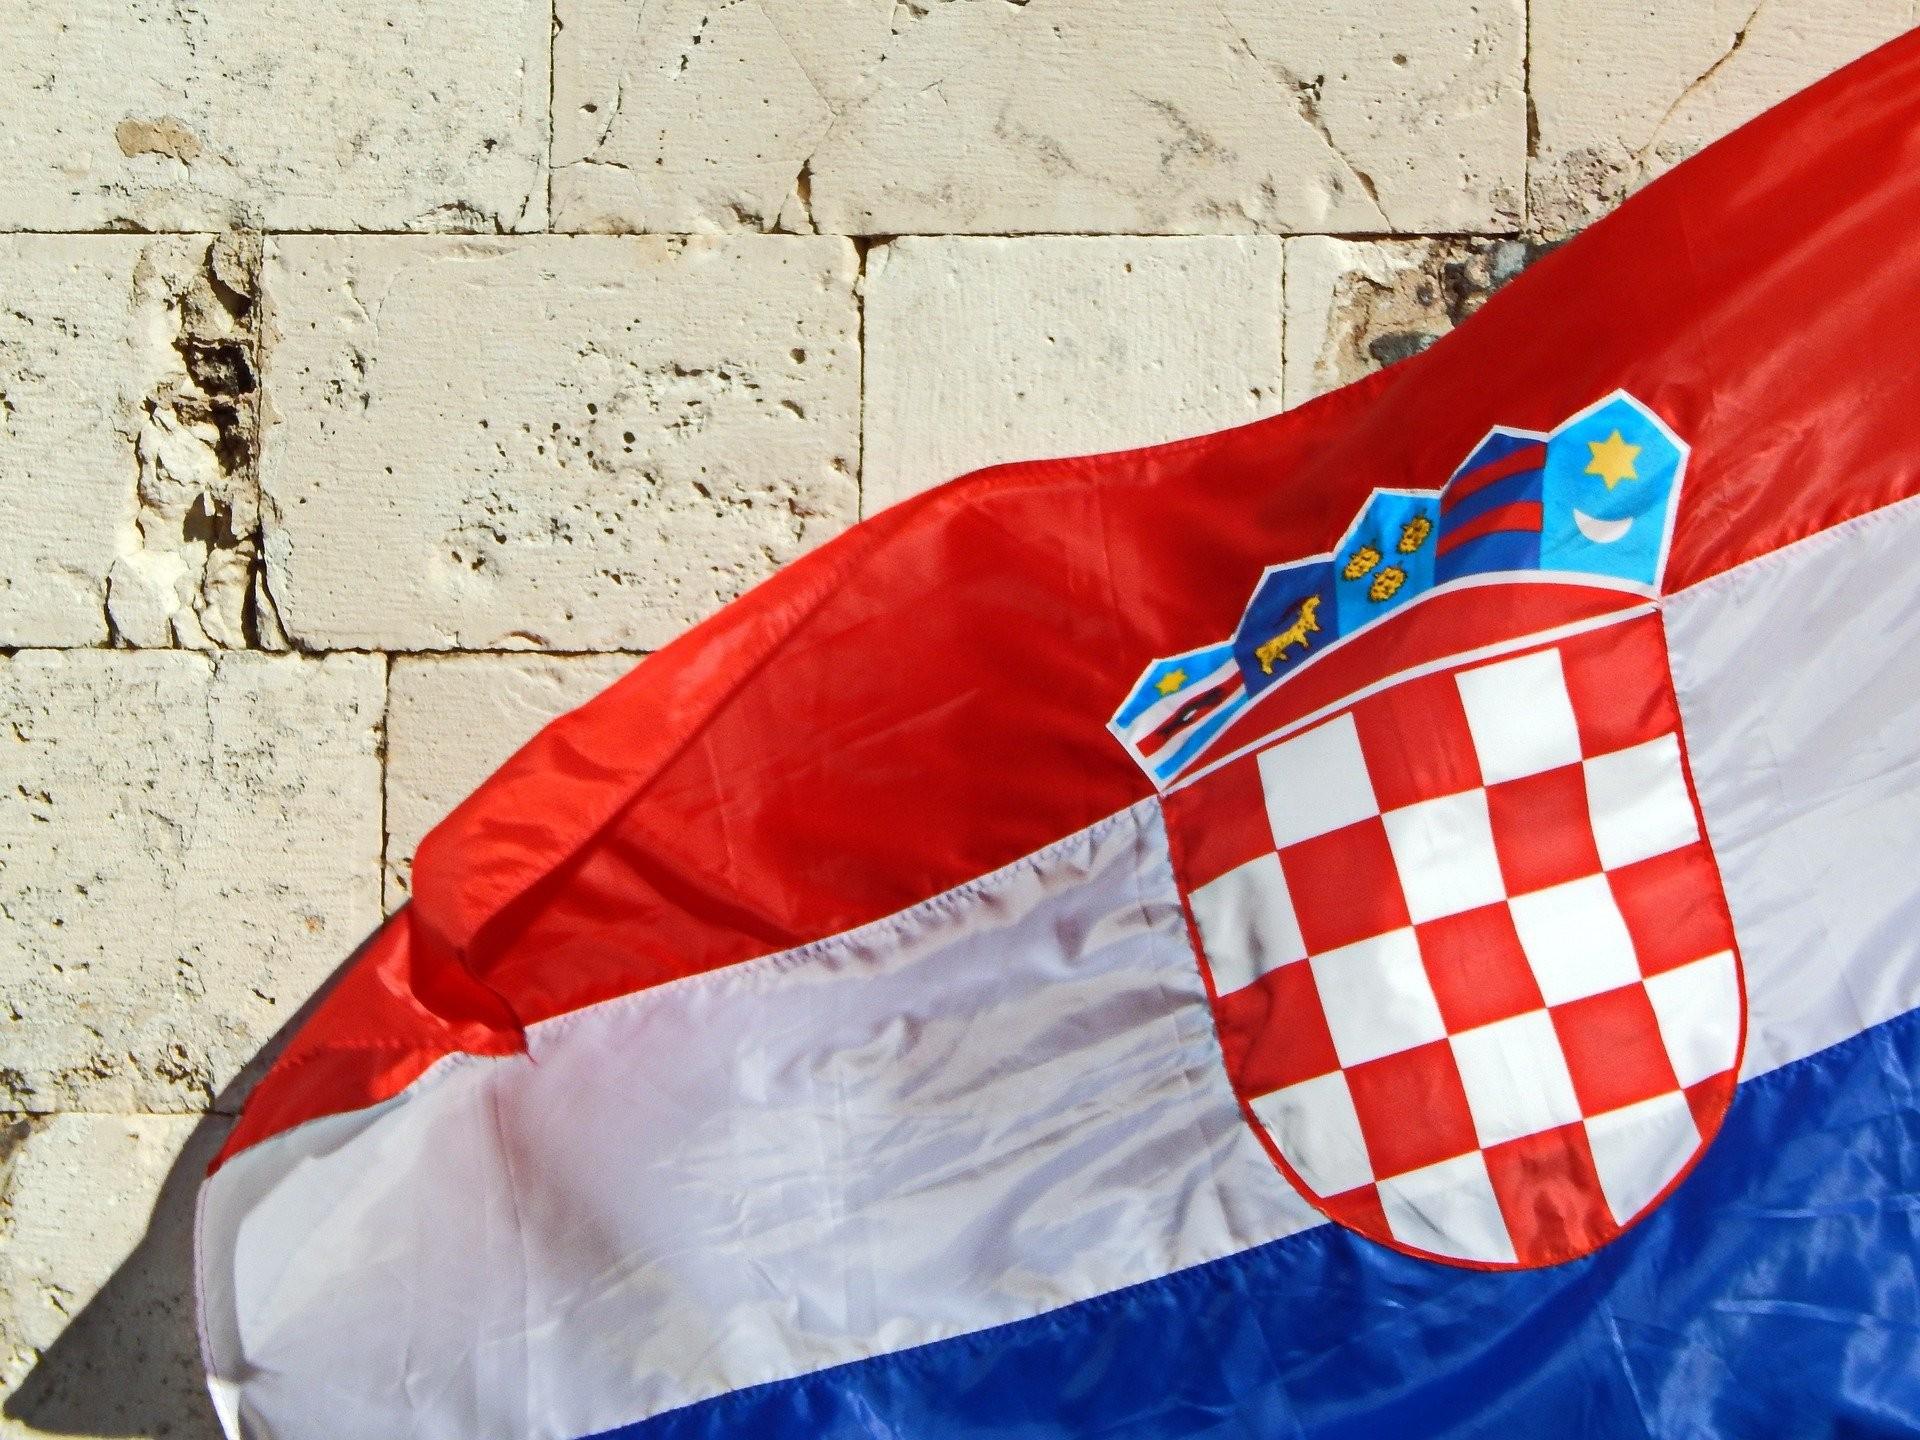 croatian-flag-3556690_1920